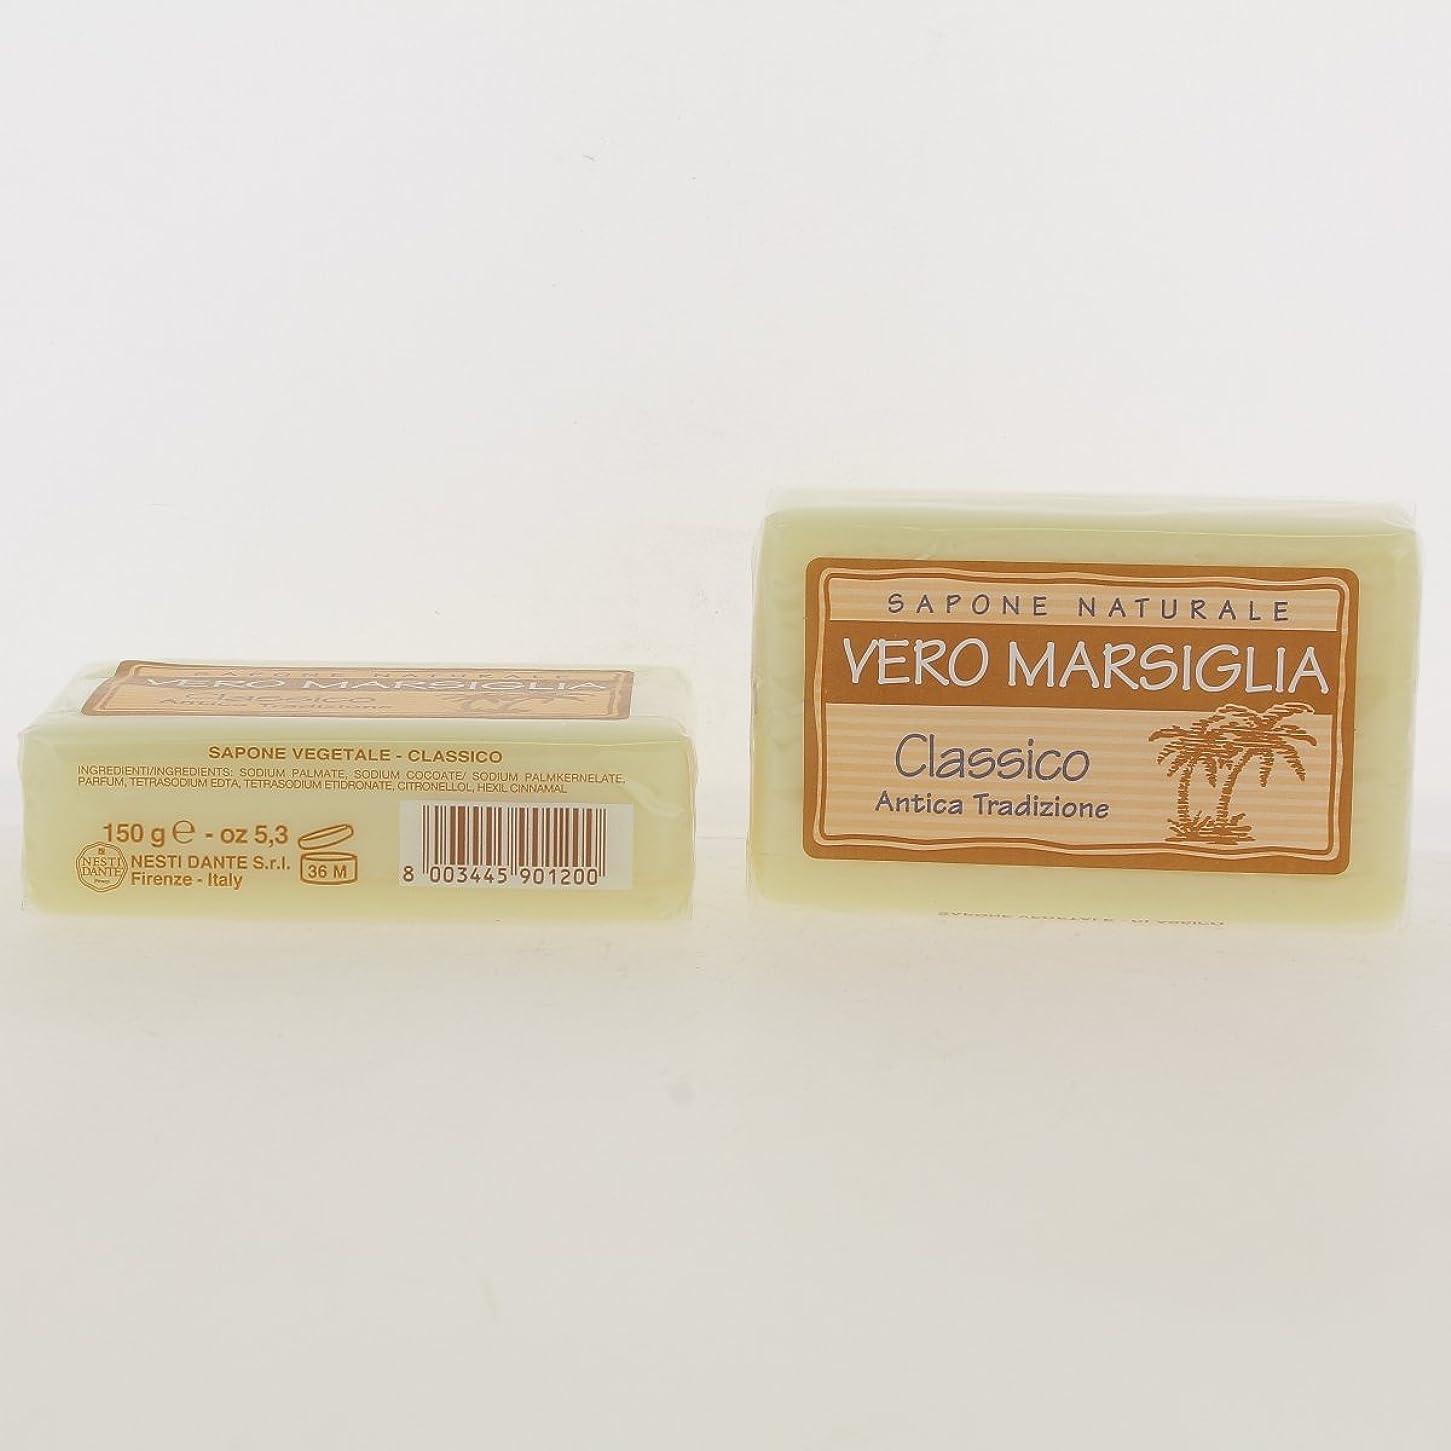 ネスティダンテ Vero Marsiglia Natural Soap - Classic (Ancient Tradition) 150g/5.29oz並行輸入品